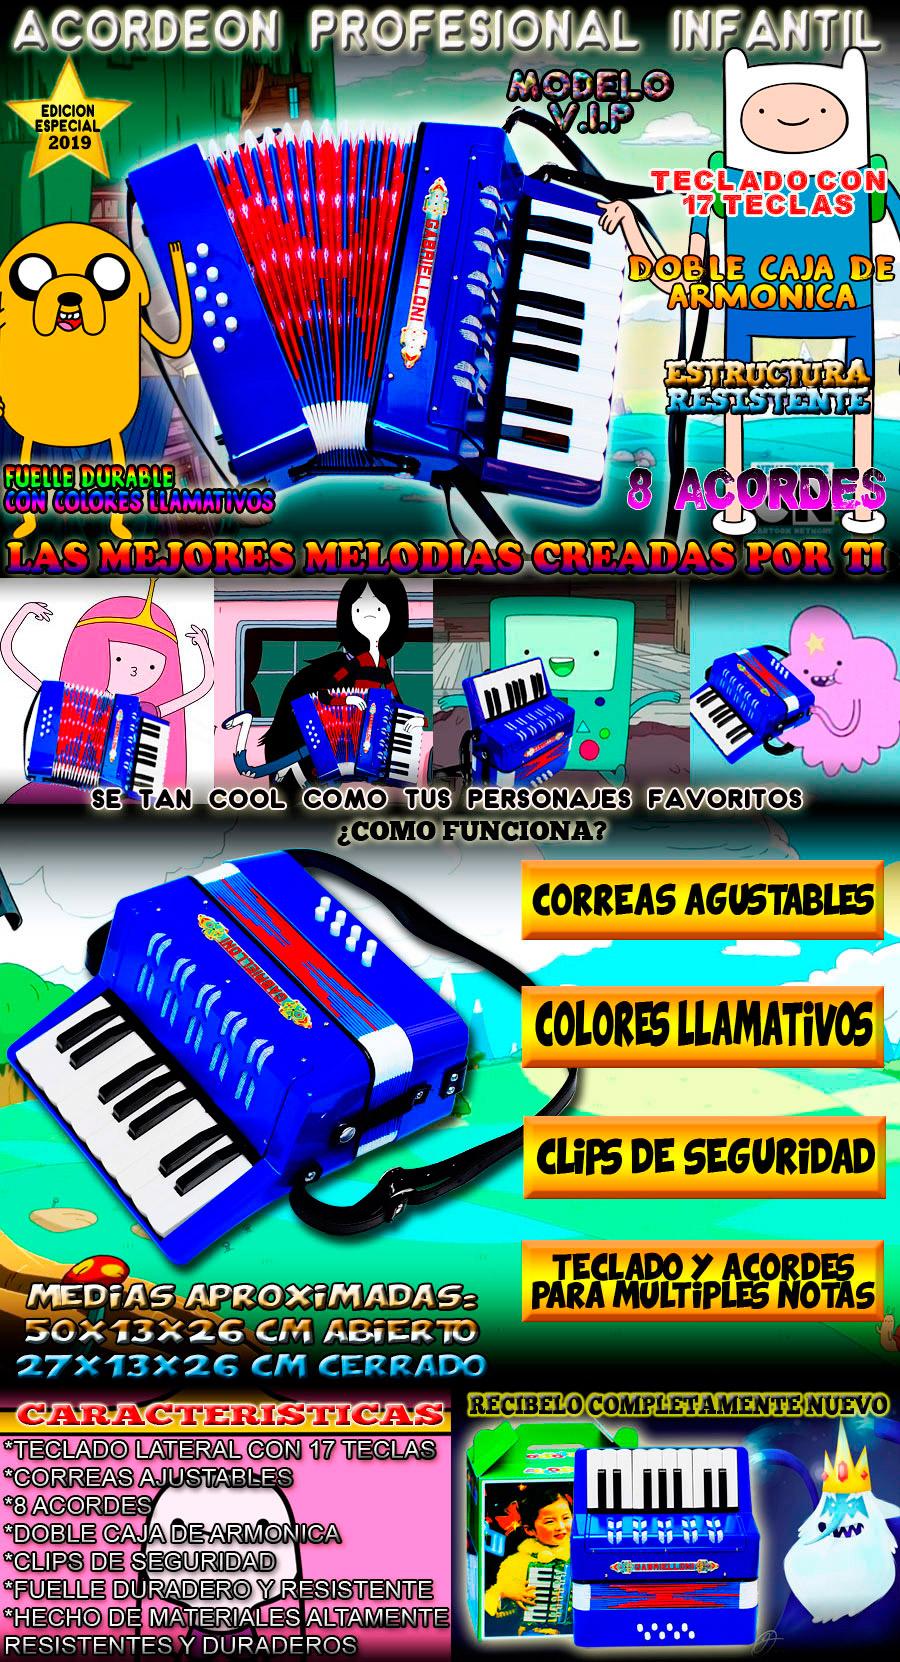 http://lomejorenvideo.com/img-van/acordeon-teclas/principal.jpg